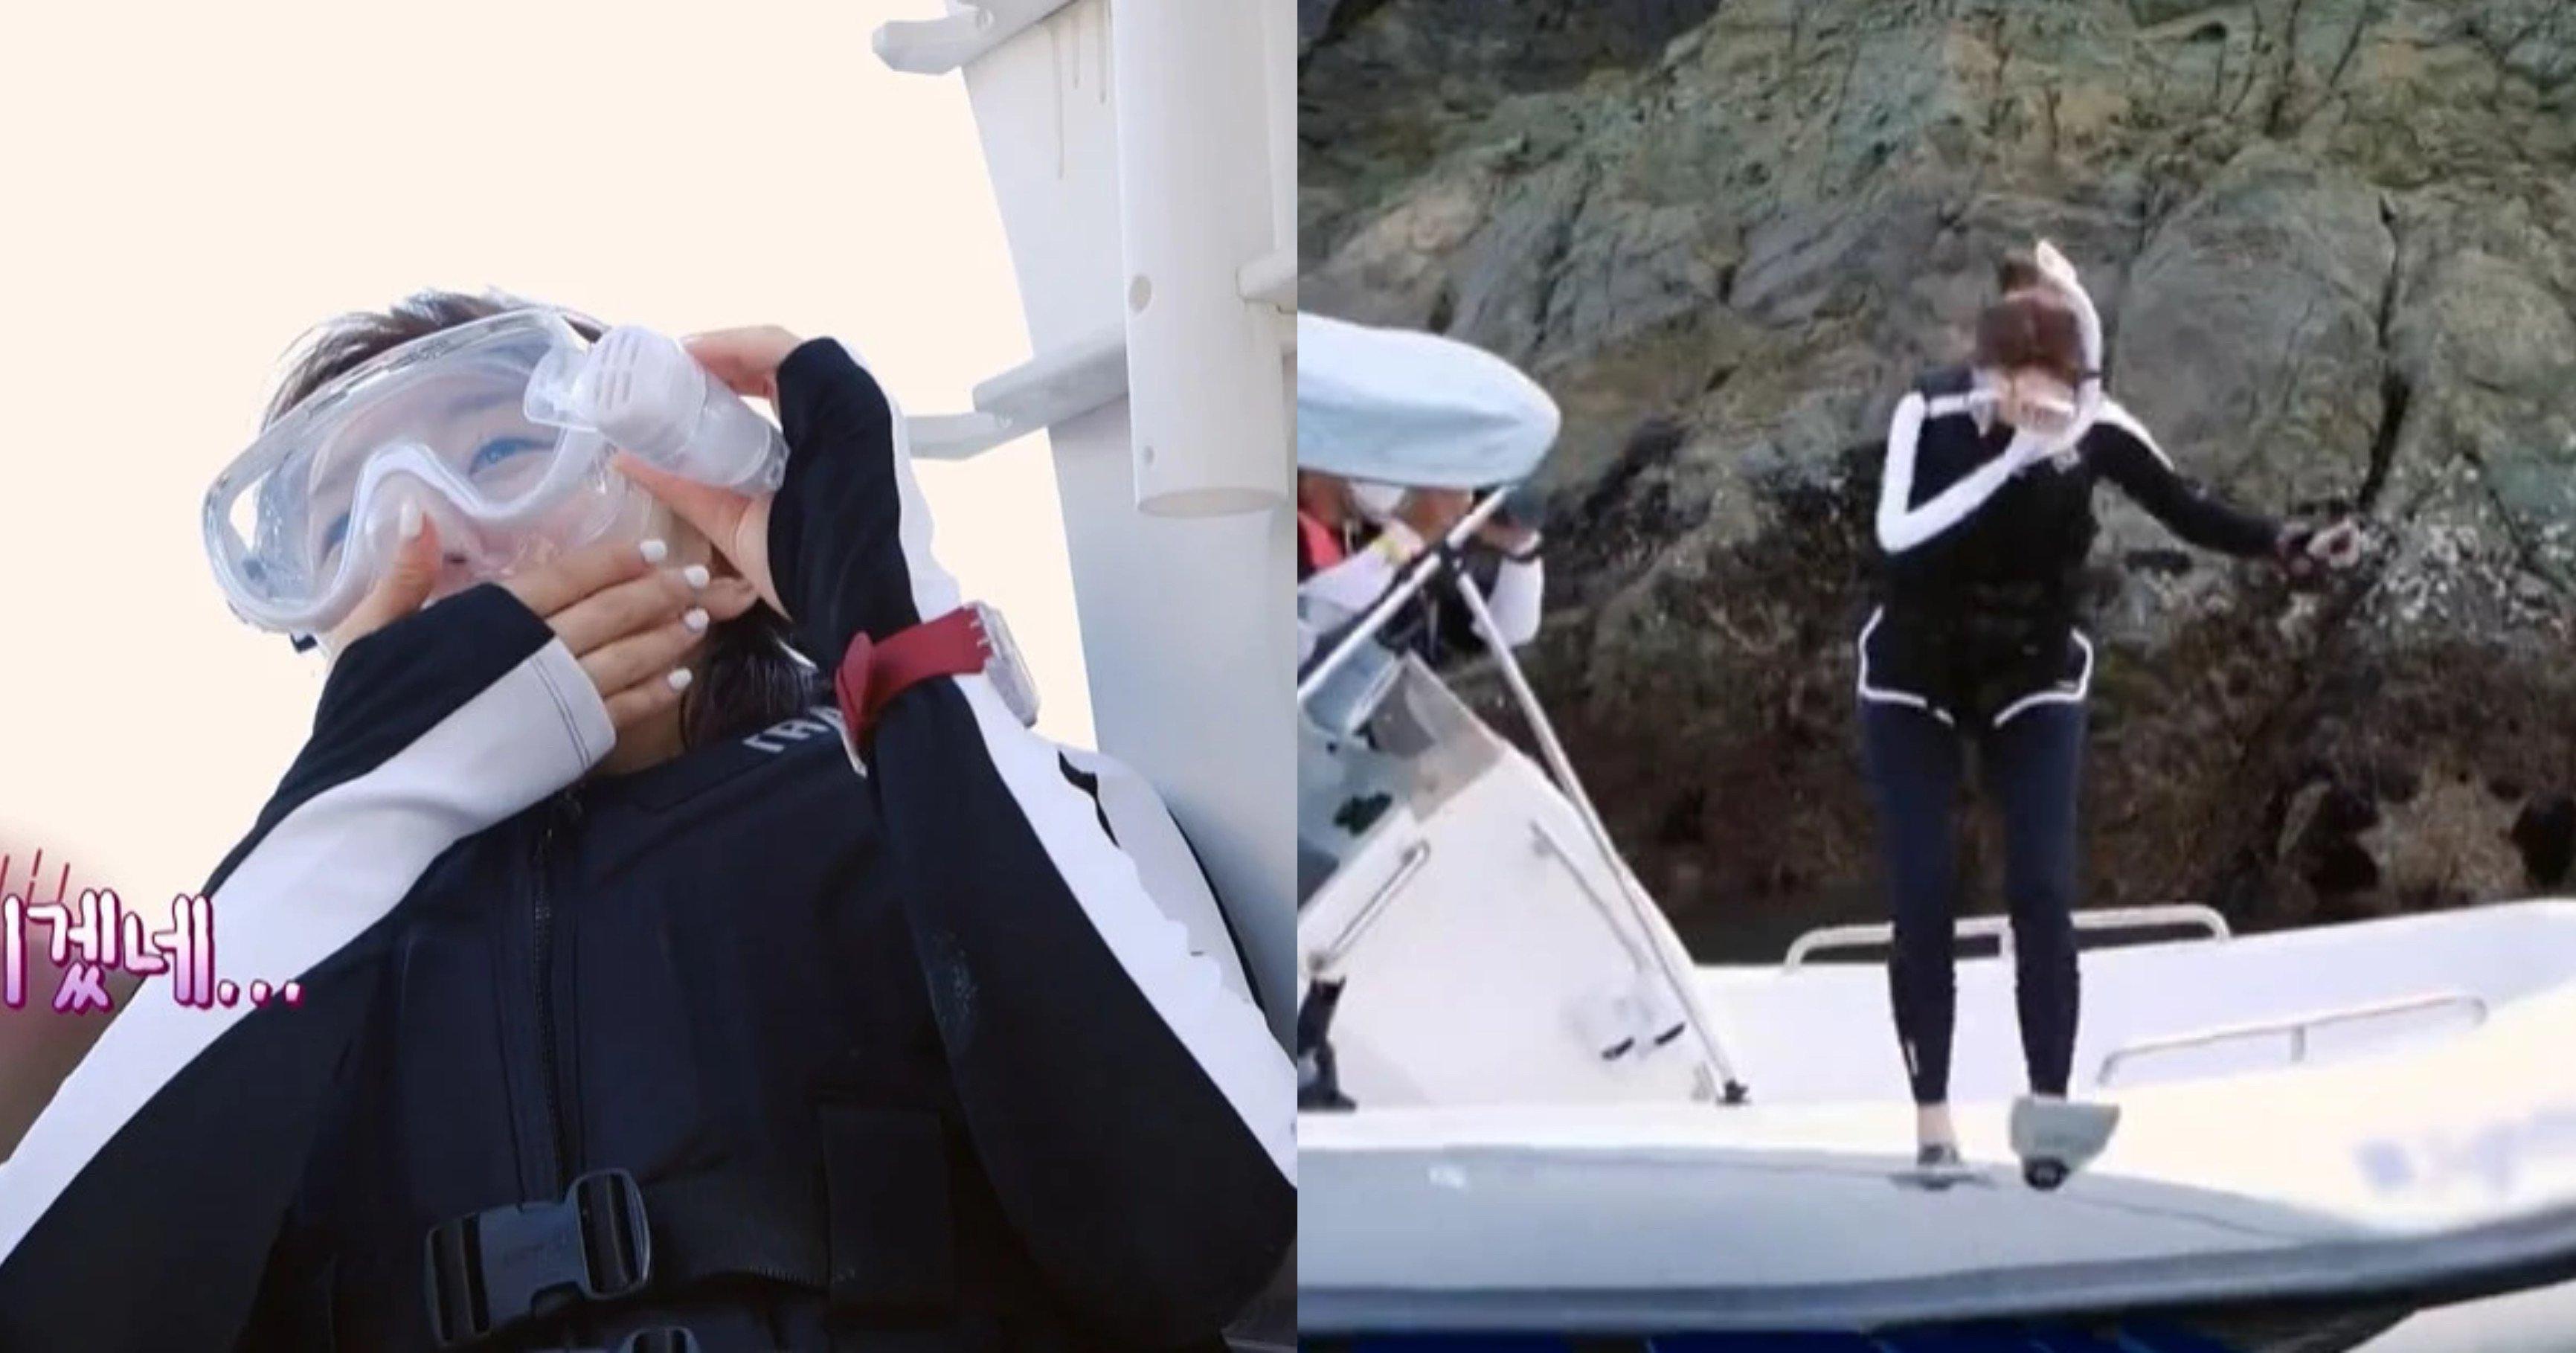 """ebb095ec868ceb8bb4 ec8db8eb84ac.jpg?resize=412,232 - """"손이 떨리고 온 몸에 물이 들어오는 느낌을 받았다...""""...'폐쇄공포증' 있는데 예능 촬영 중 바다에 뛰어든 여배우"""